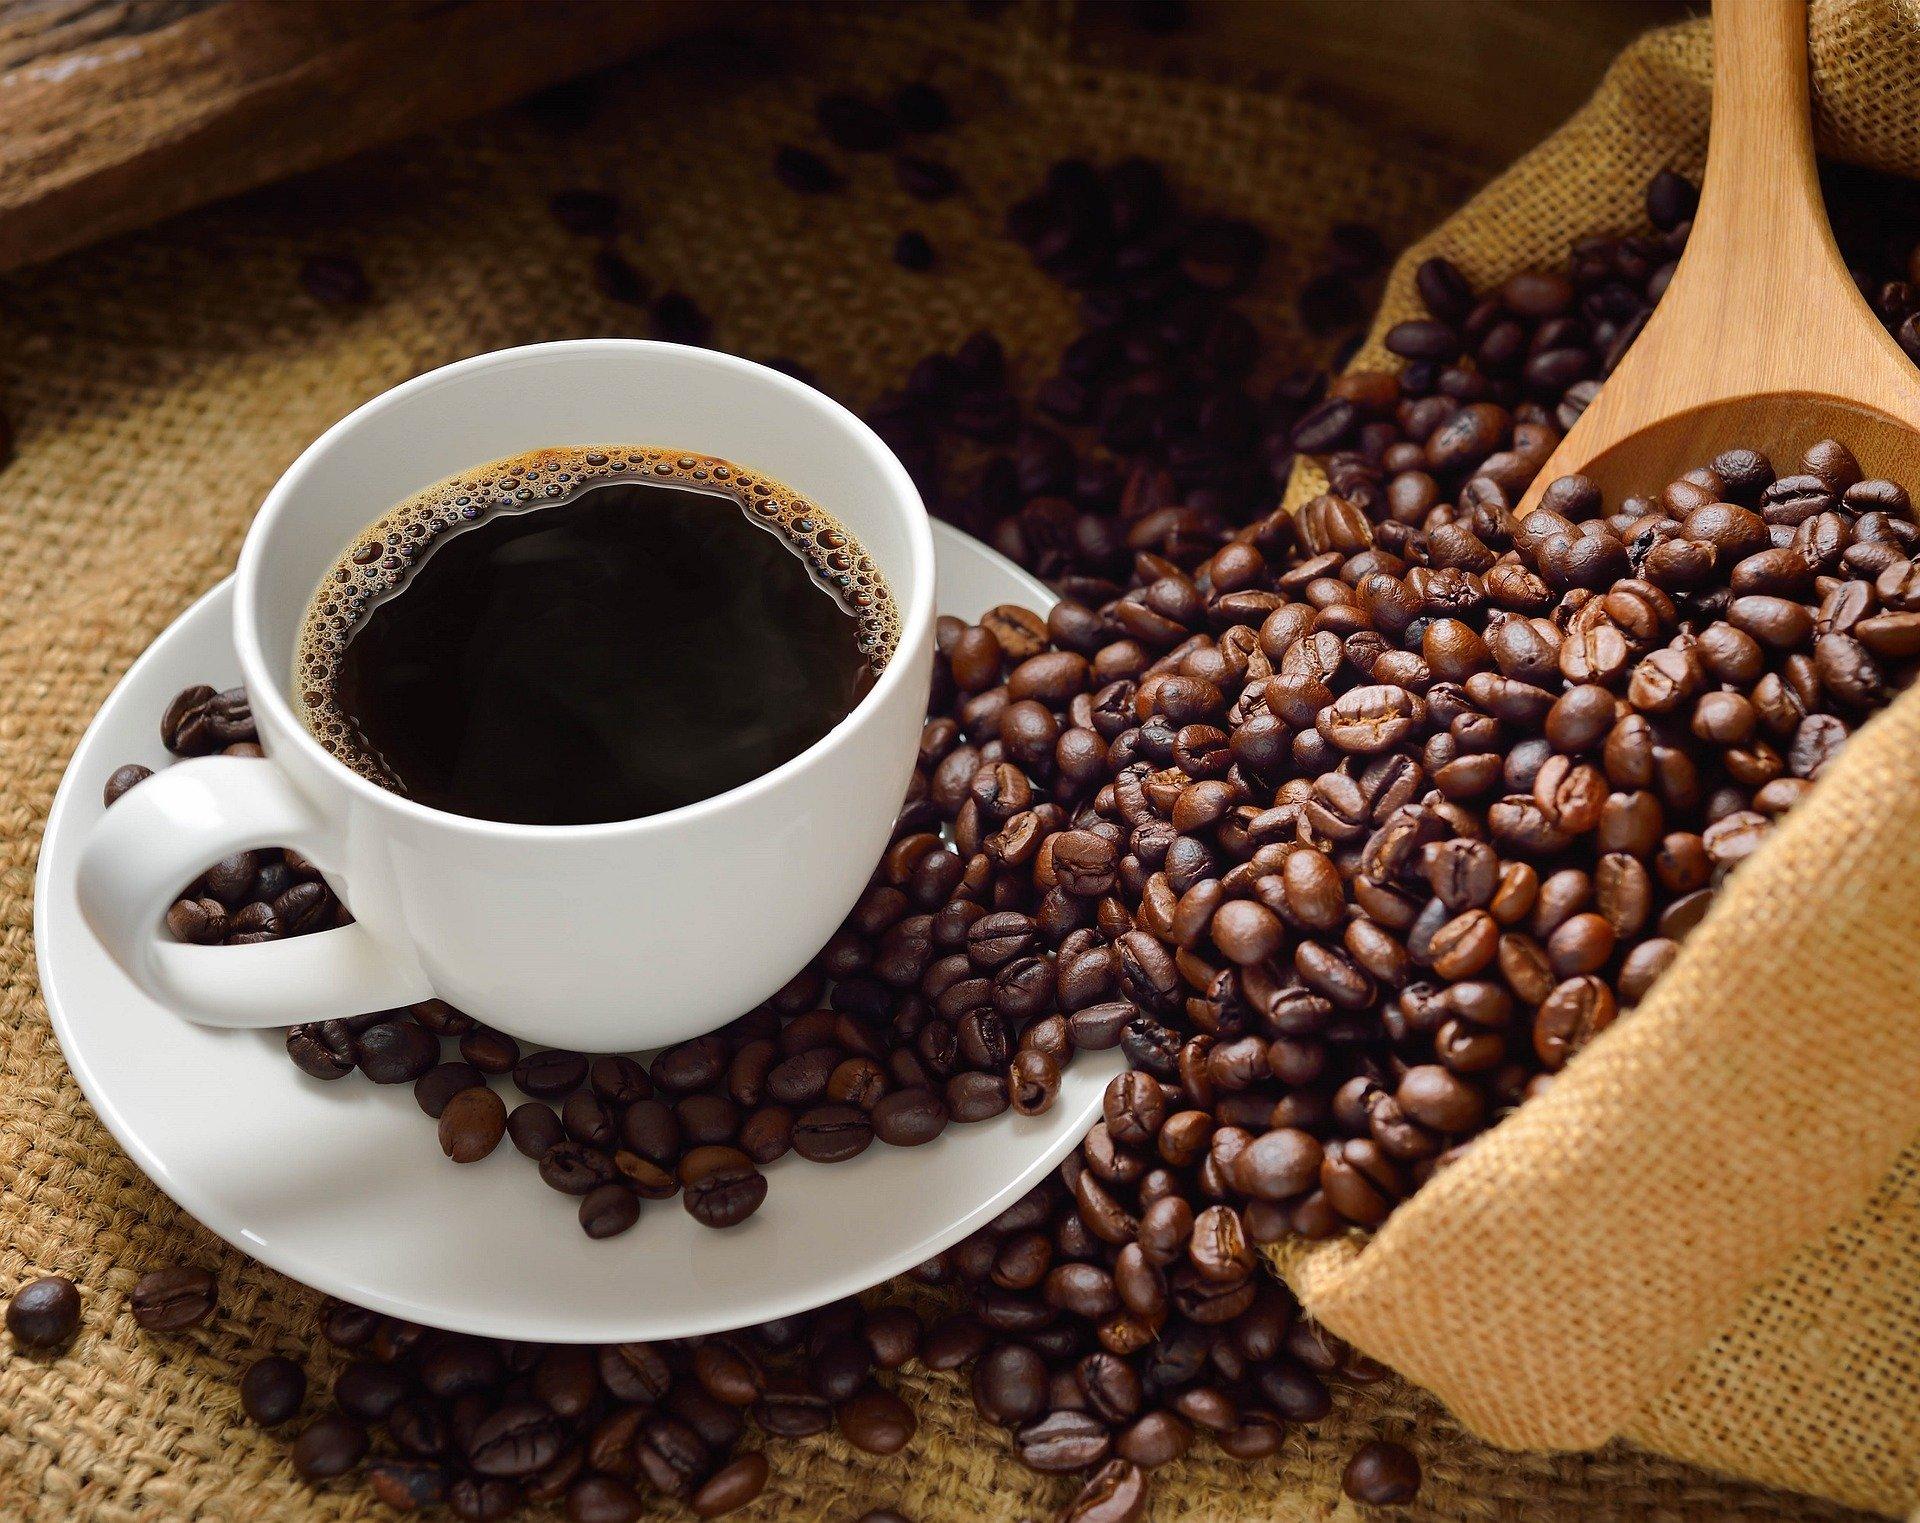 este o cafea neagră mai bună pentru pierderea în greutate stosowac jak multi slim